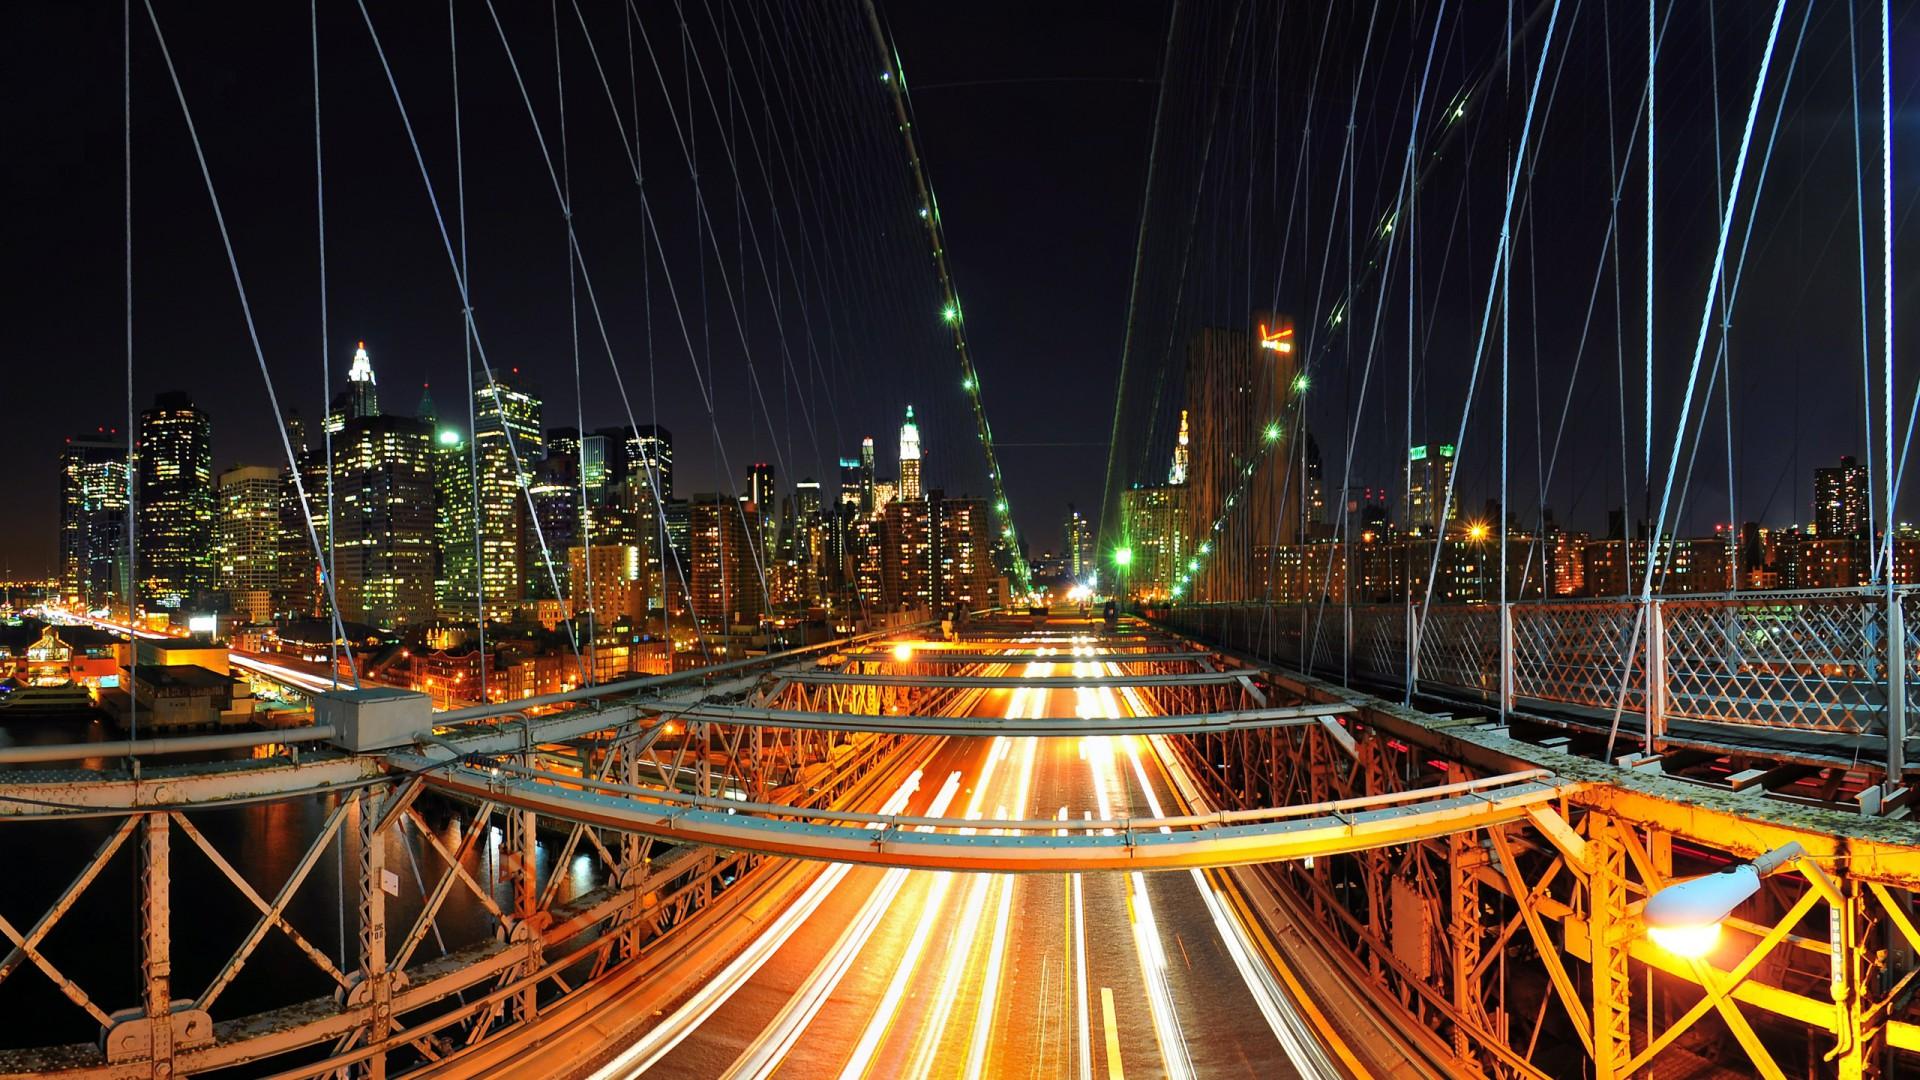 mesto-v-noci-02-obrazky-na-plochu